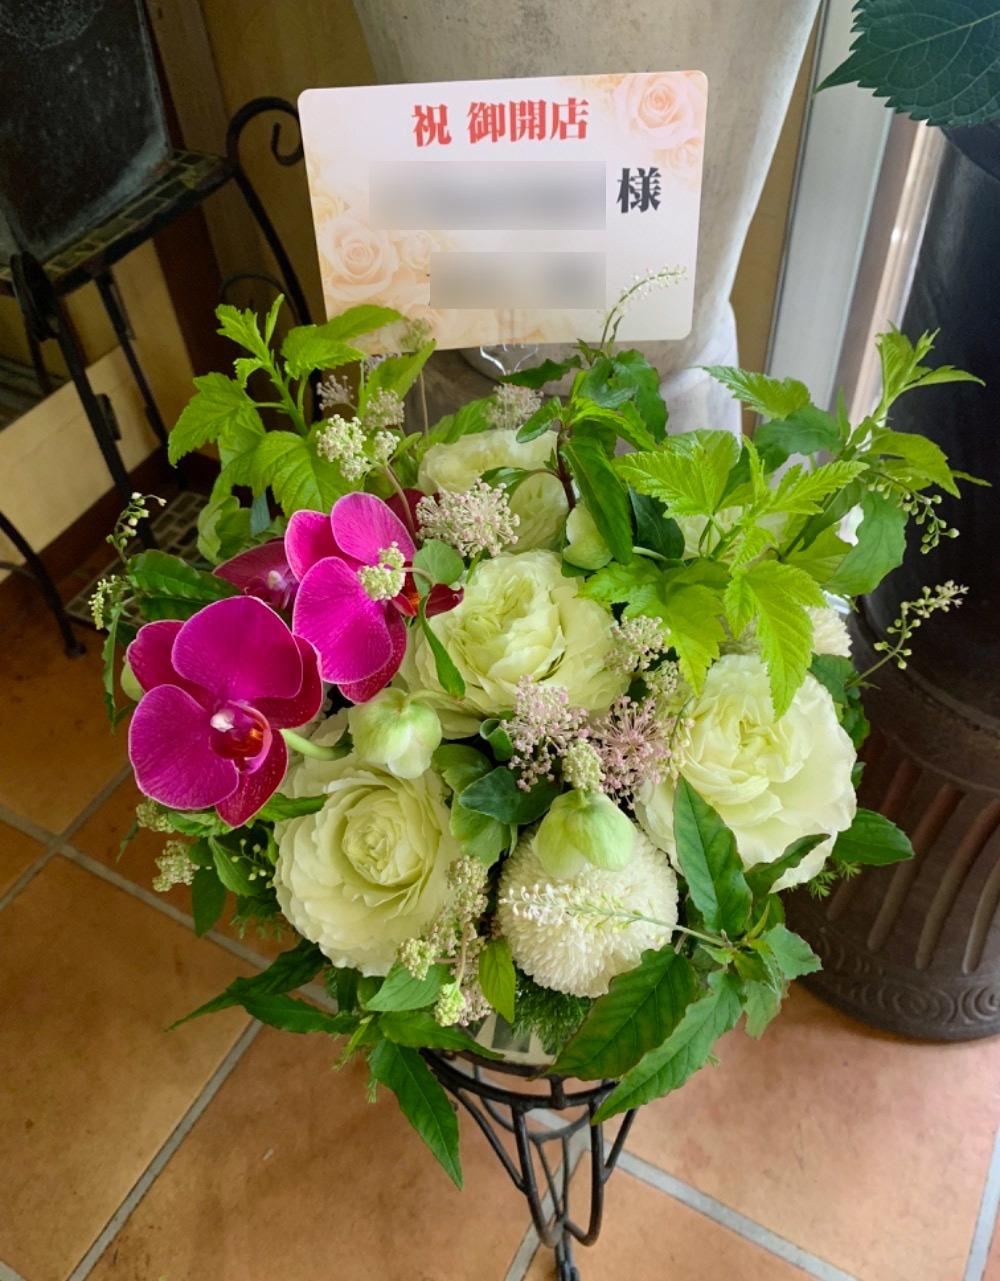 胡蝶蘭とバラを合わせたナチュラルアレンジ S